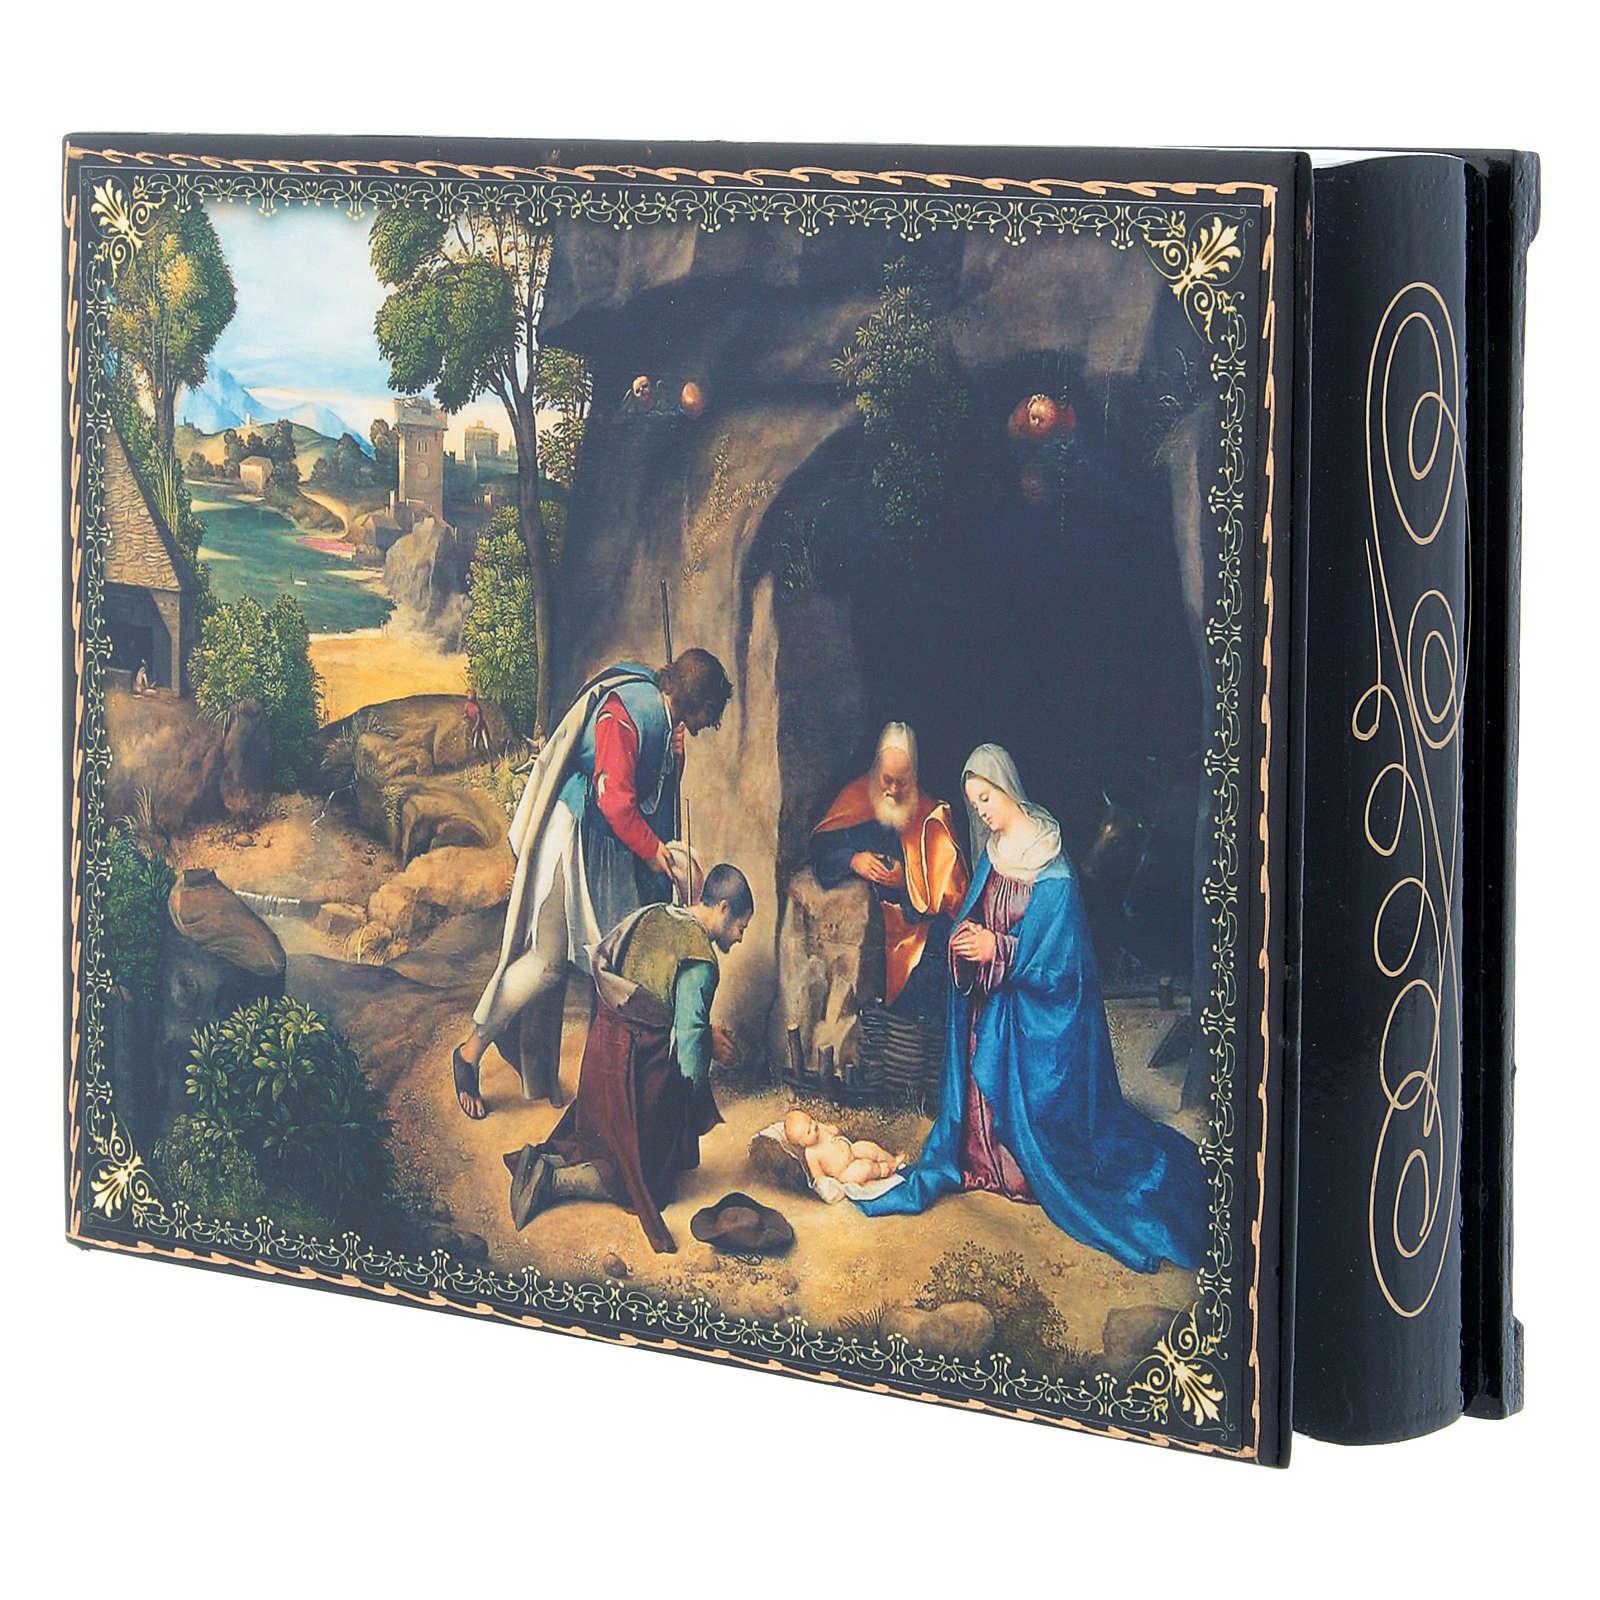 Lacca cartapesta decorata decoupage L'Adorazione dei pastori 22X16 cm 4